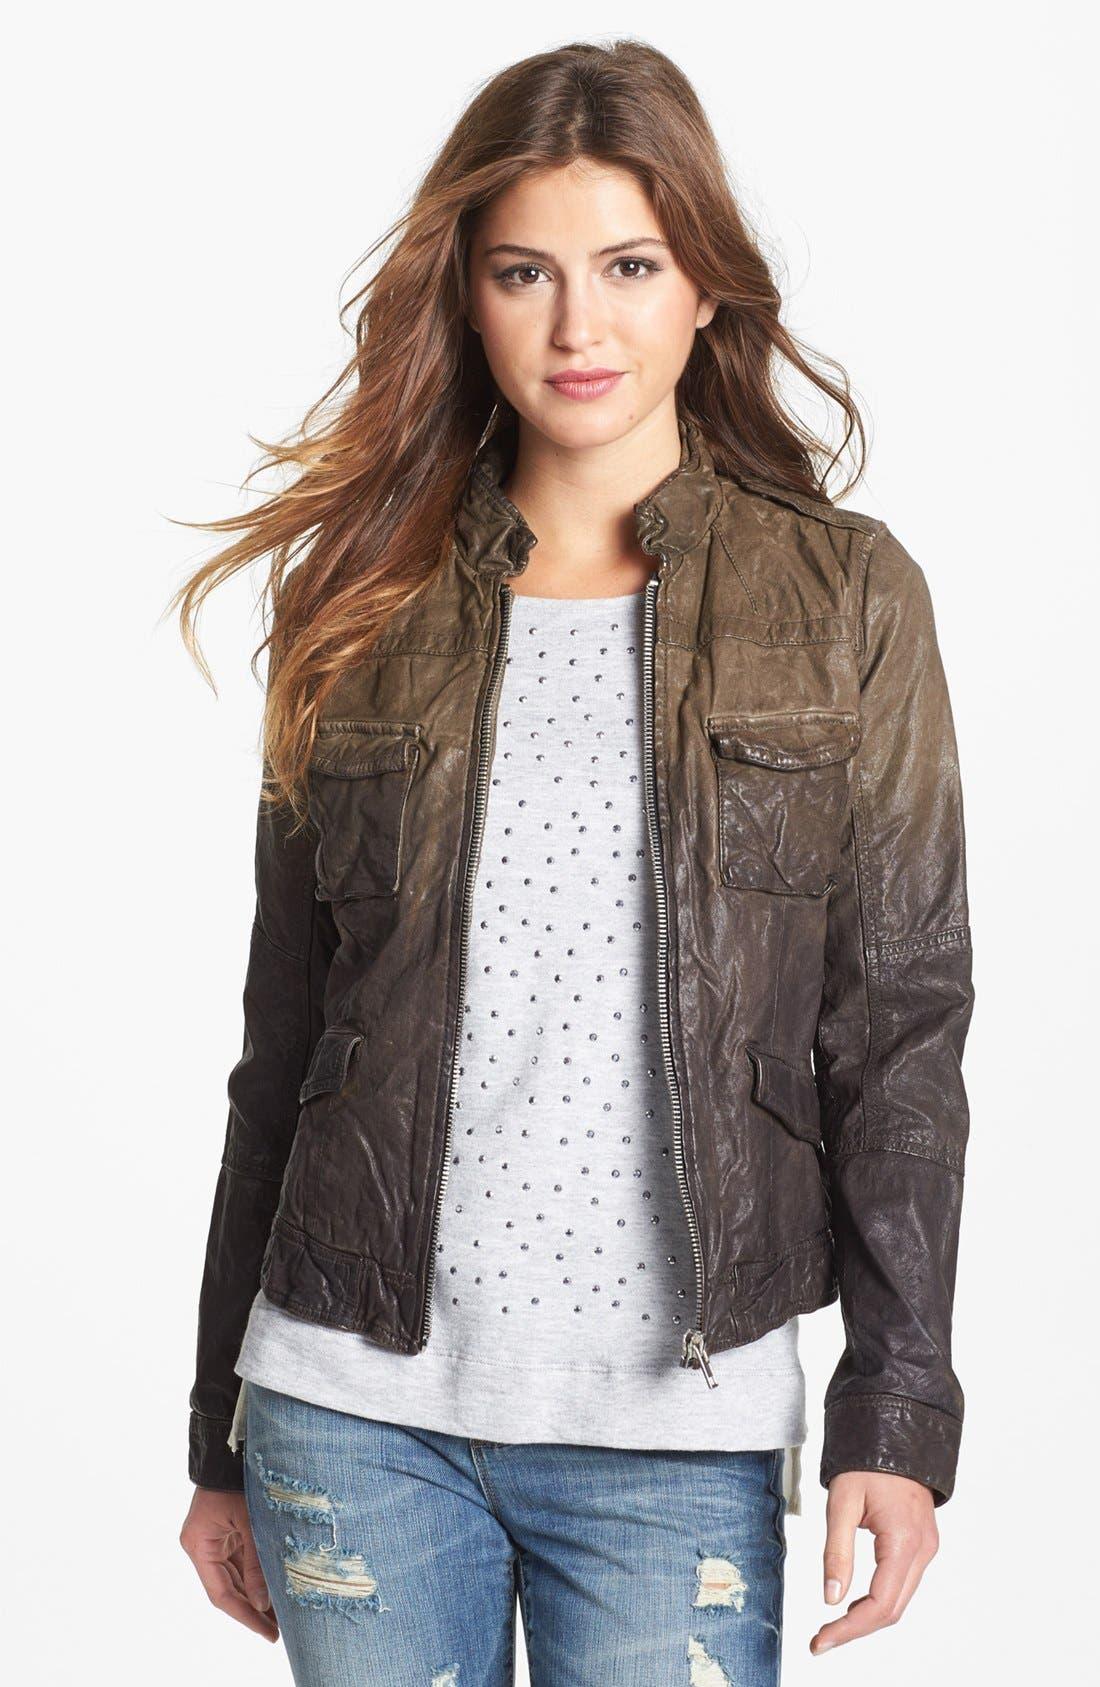 Alternate Image 1 Selected - Q40 Ombré Crinkled Leather Jacket